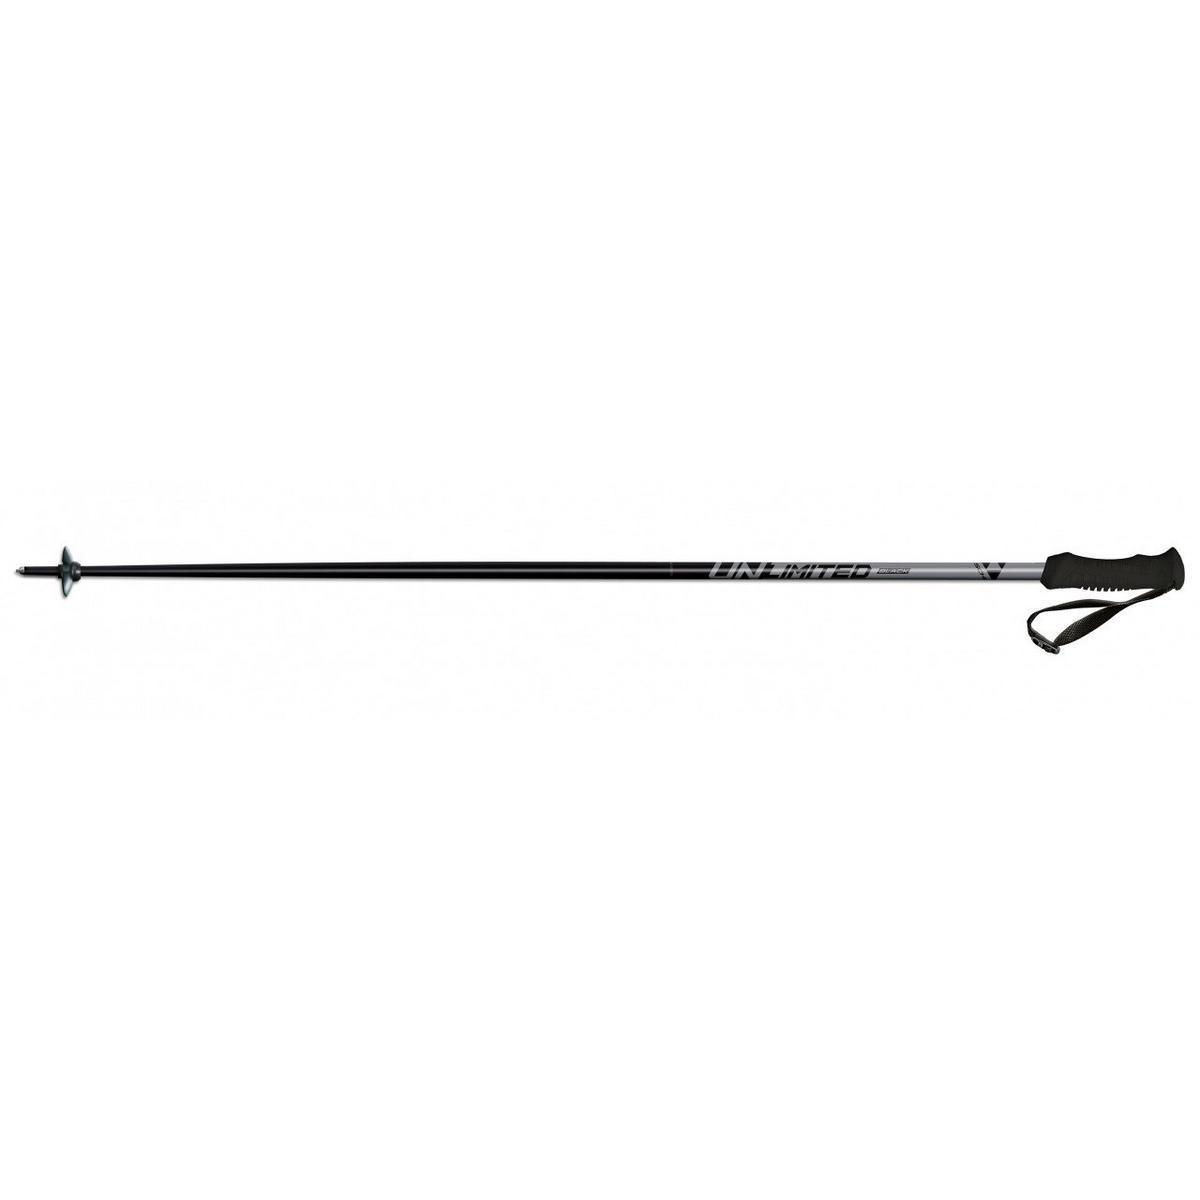 Fischer Unlimited Ski Pole